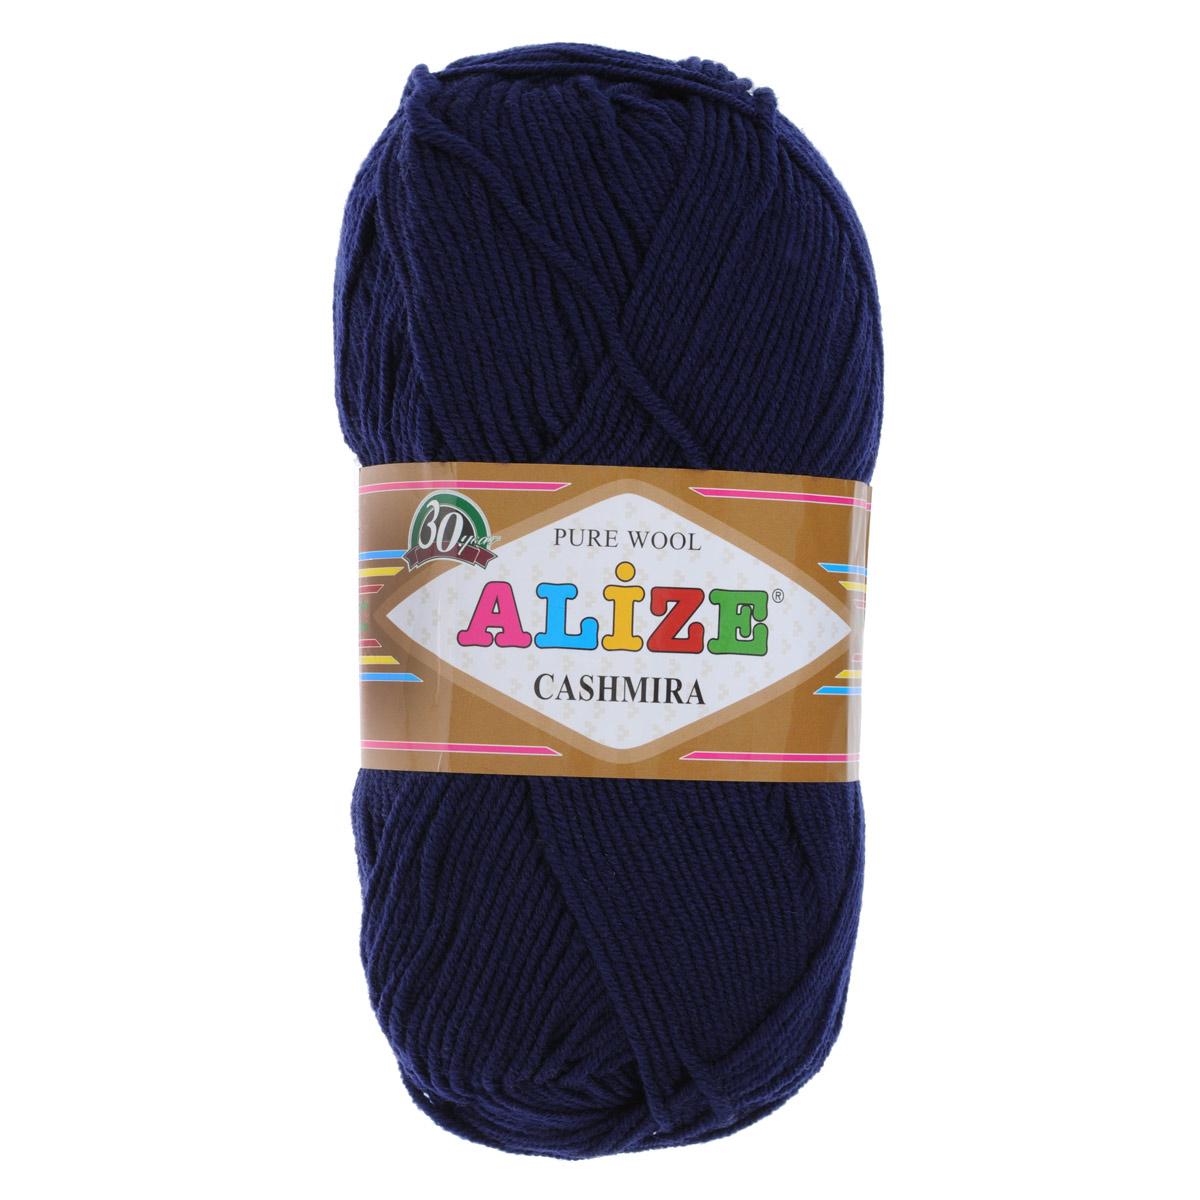 Пряжа для вязания Alize Cashmira, цвет: синий (58), 300 м, 100 г, 5 шт364009_58Пряжа для вязания Alize Cashmira изготовлена из 100% шерсти. Пряжа упругая, эластичная, тёплая, уютная и не колется, что очень подходит для детей. Тоненькая нитка прекрасно подойдет для вязки демисезонных вещей. Пряжа легко распускается и перевязывается несколько раз, не деформируясь и не влияя на вид изделия. Натуральная шерстяная нить, обеспечивает изделию прекрасную форму. Рекомендуется ручная стирка при температуре 30 °C. Рекомендованные спицы № 3-5, крючок № 2-4.